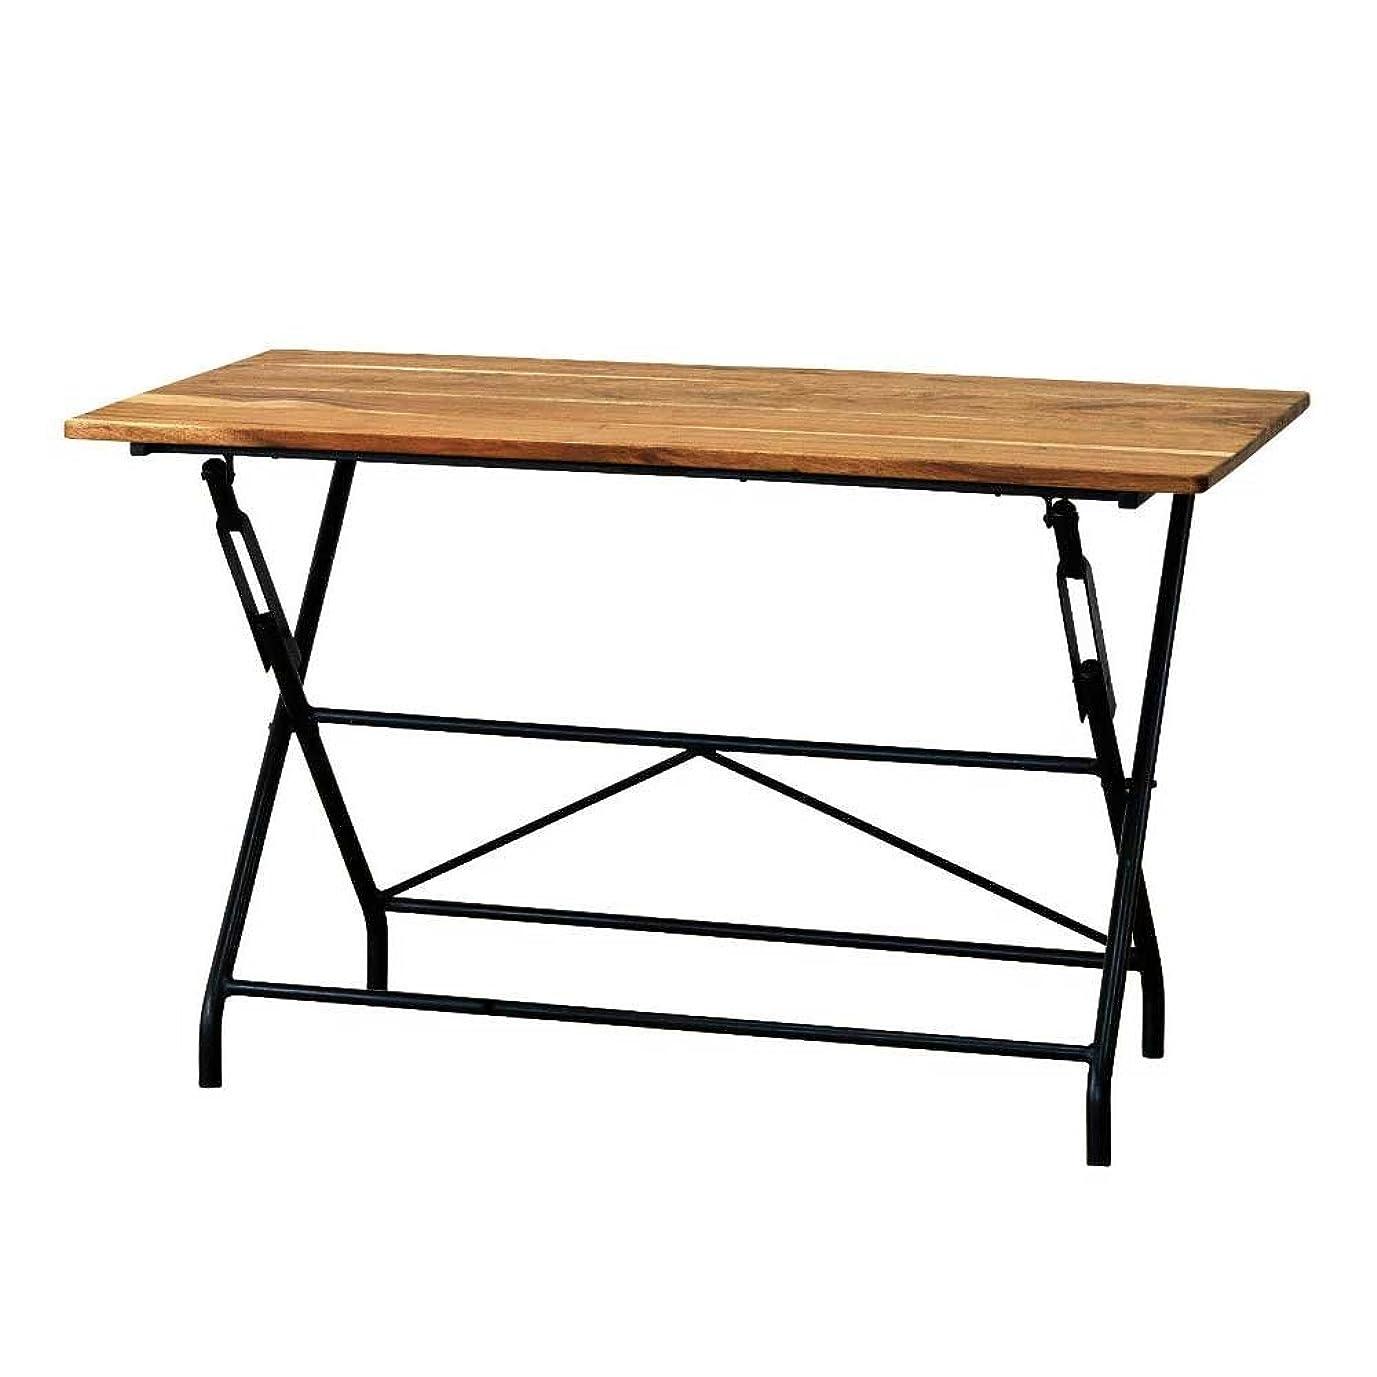 火山学者メンタルゲインセイSPICE OF LIFE 机 折りたたみ テーブル アイアン&ウッド ANCIENT 120×72×60cm 家具 カフェ リビング マルシェ オフィス 会議室 KRFG5100